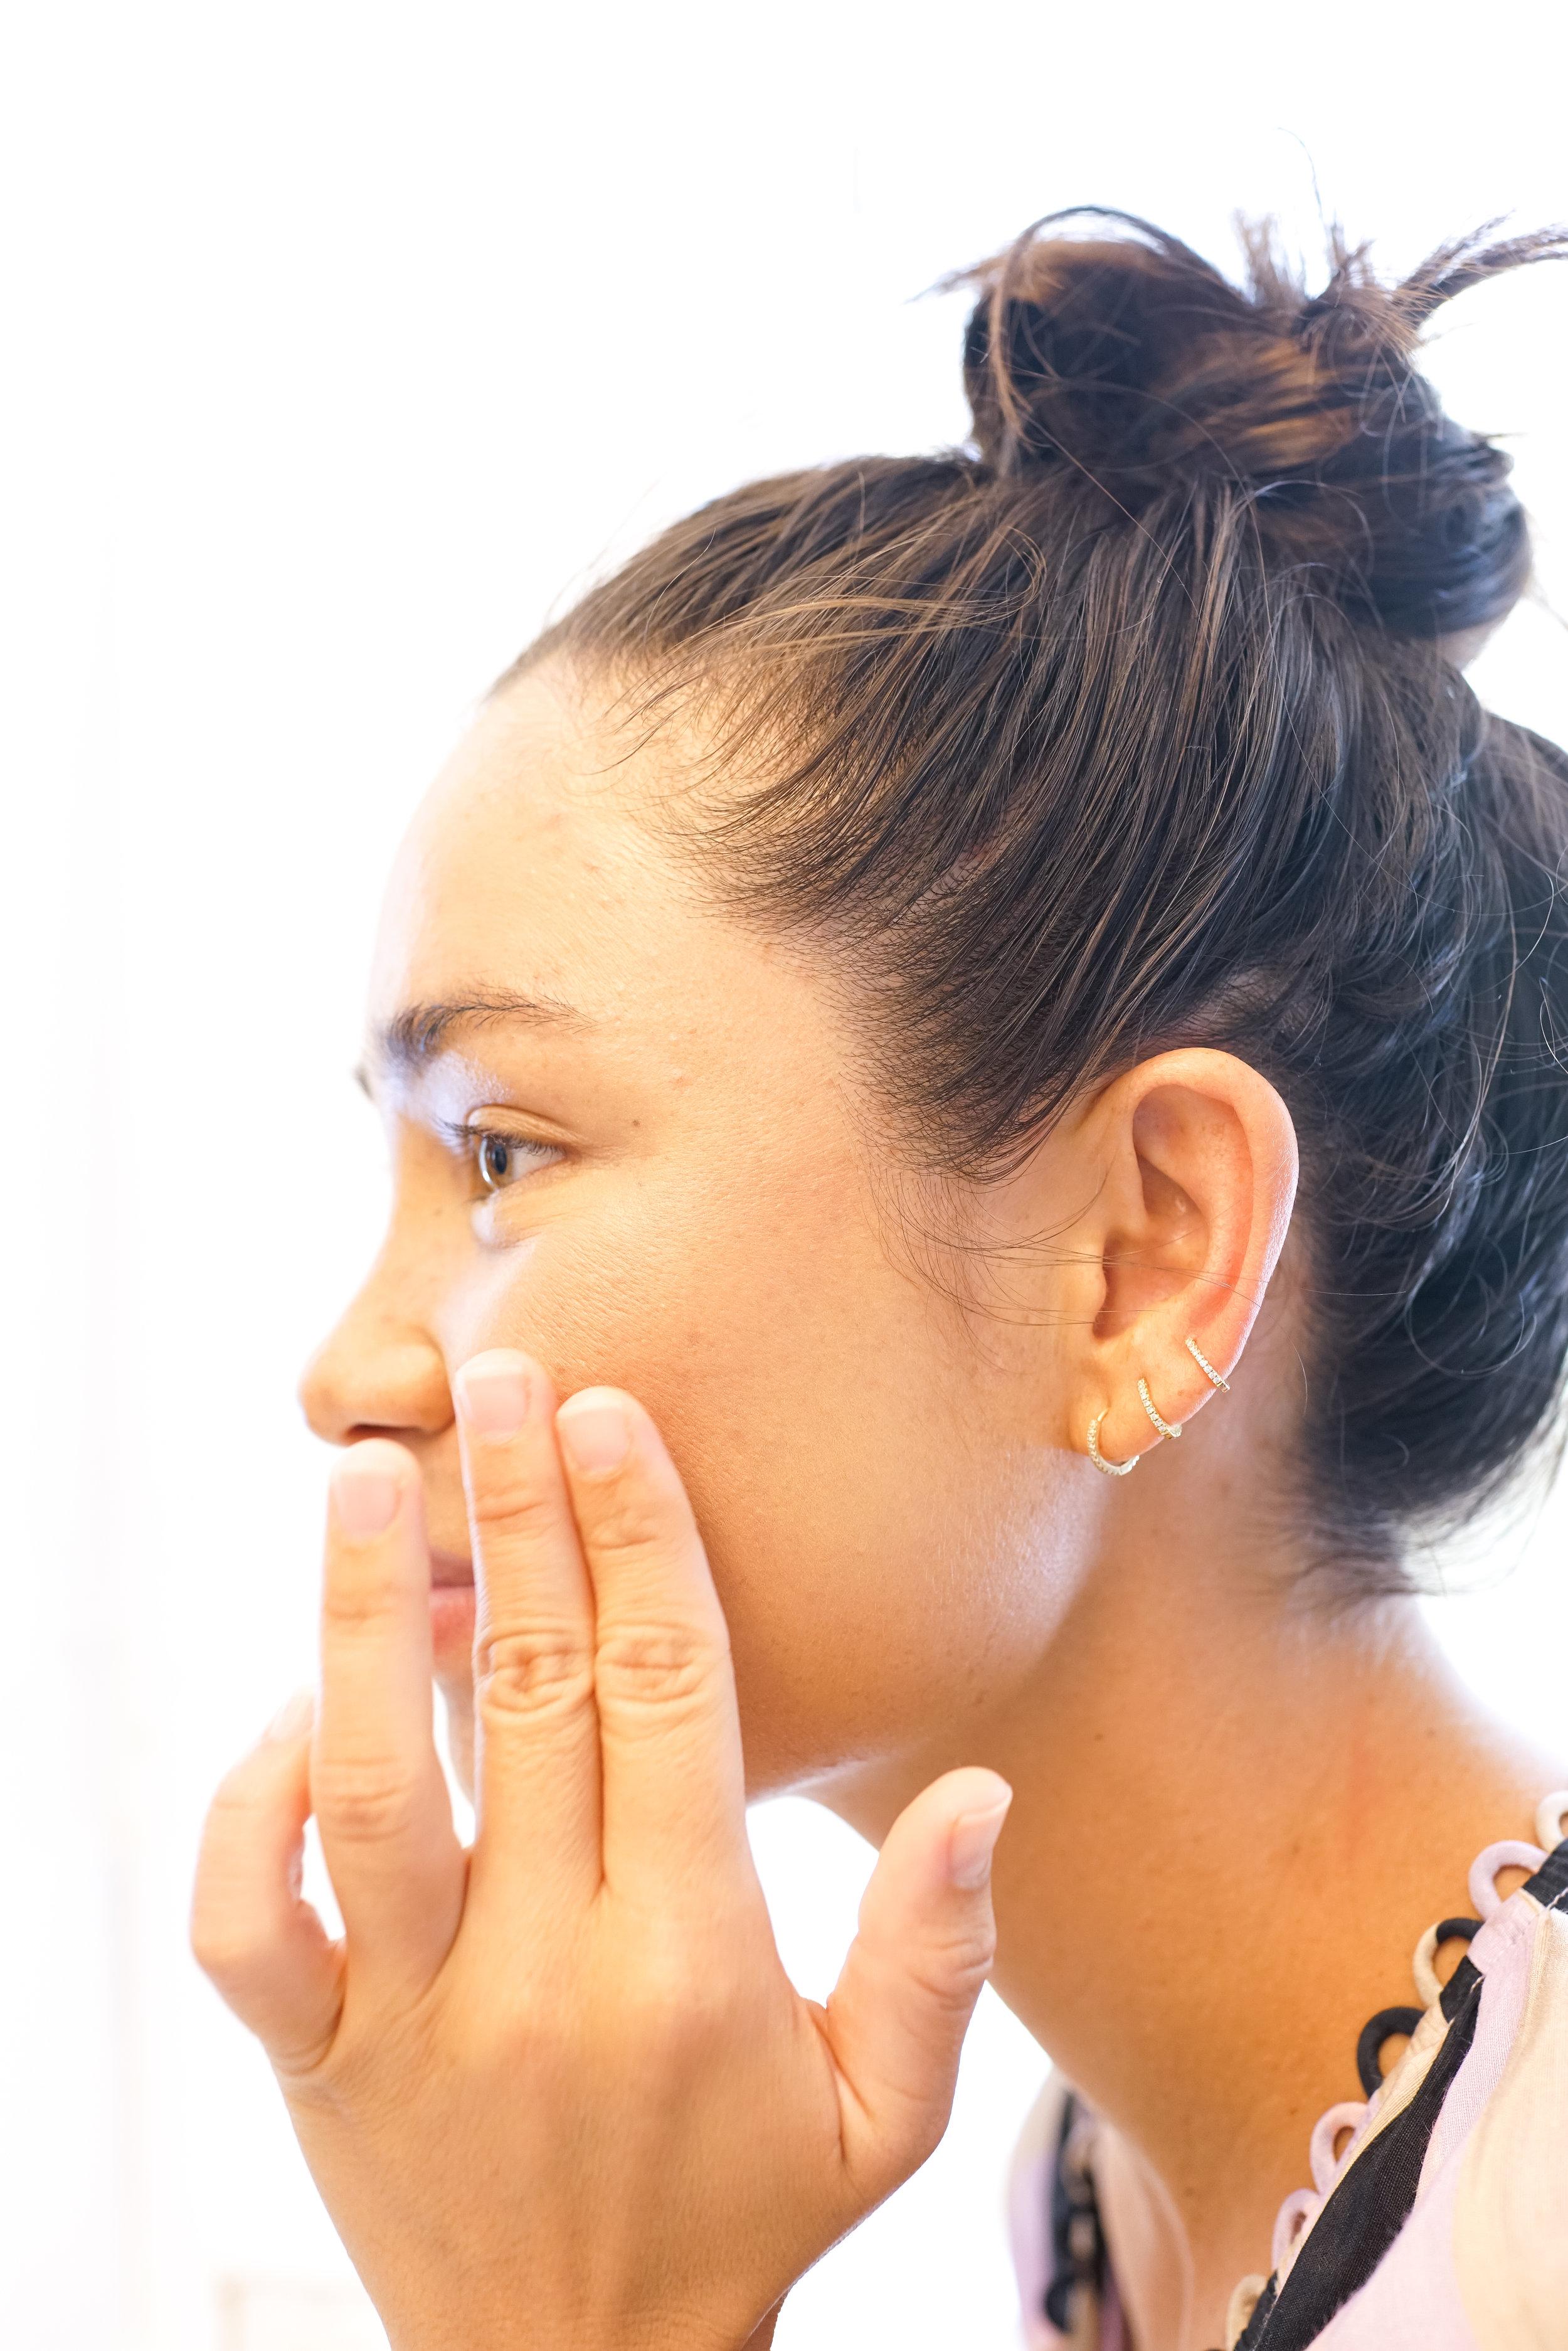 Oleema Miller putting on Ilia makeup